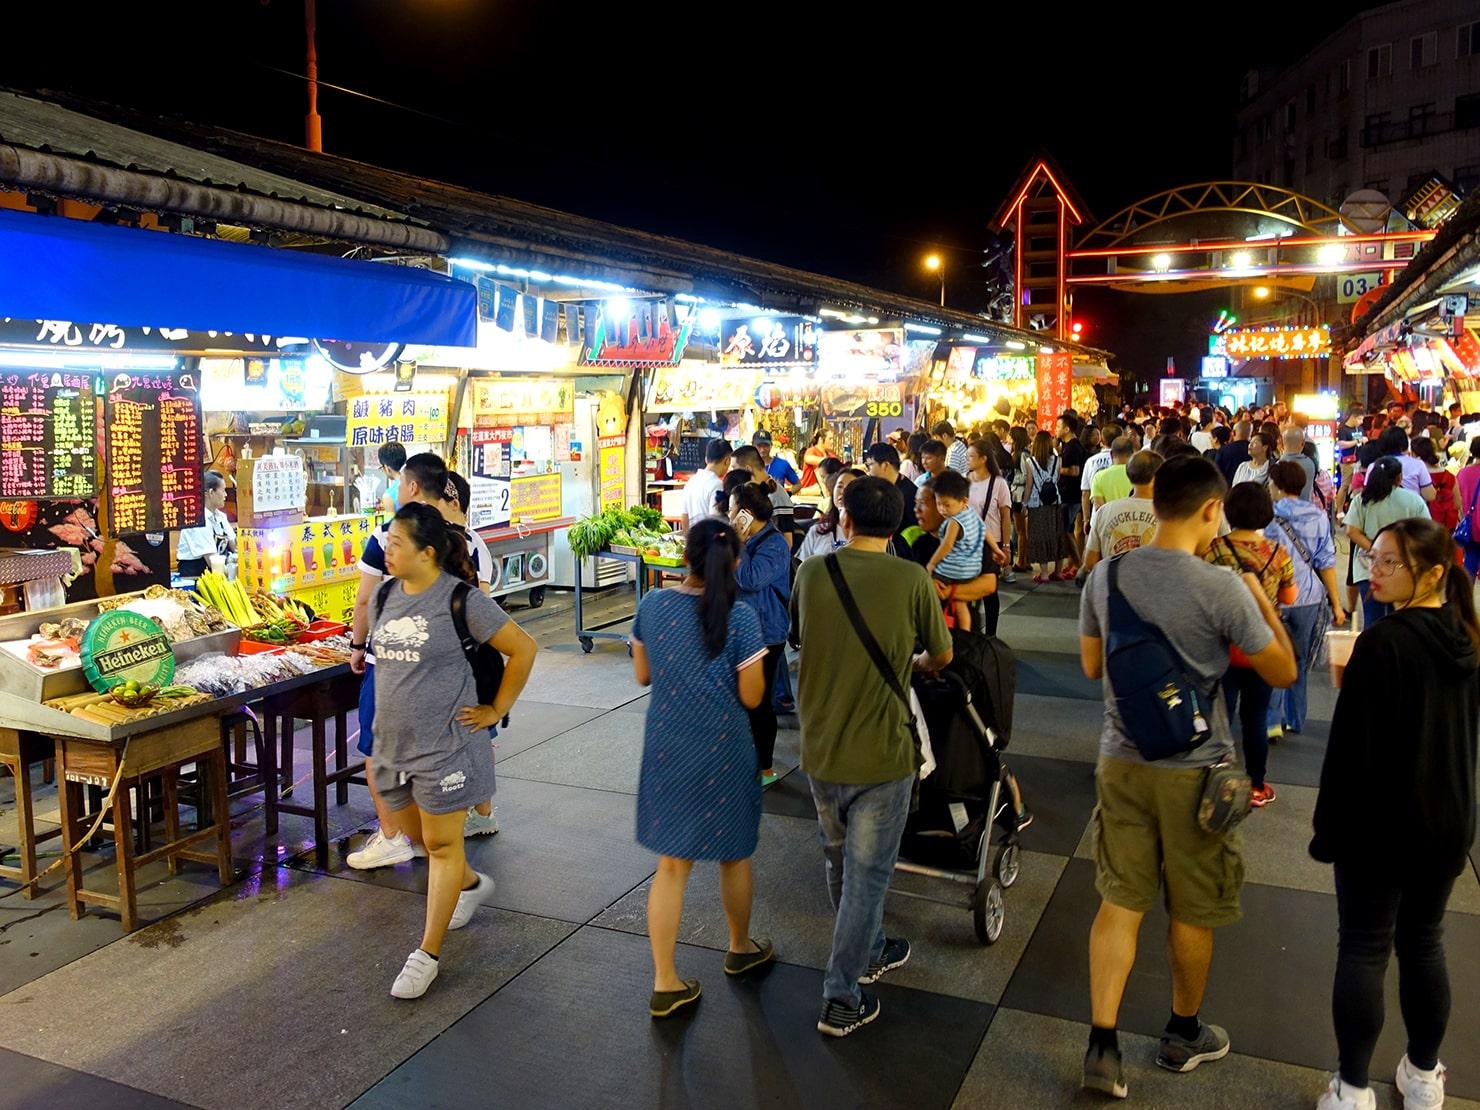 台湾・花蓮のおすすめ観光スポット「東大門夜市」